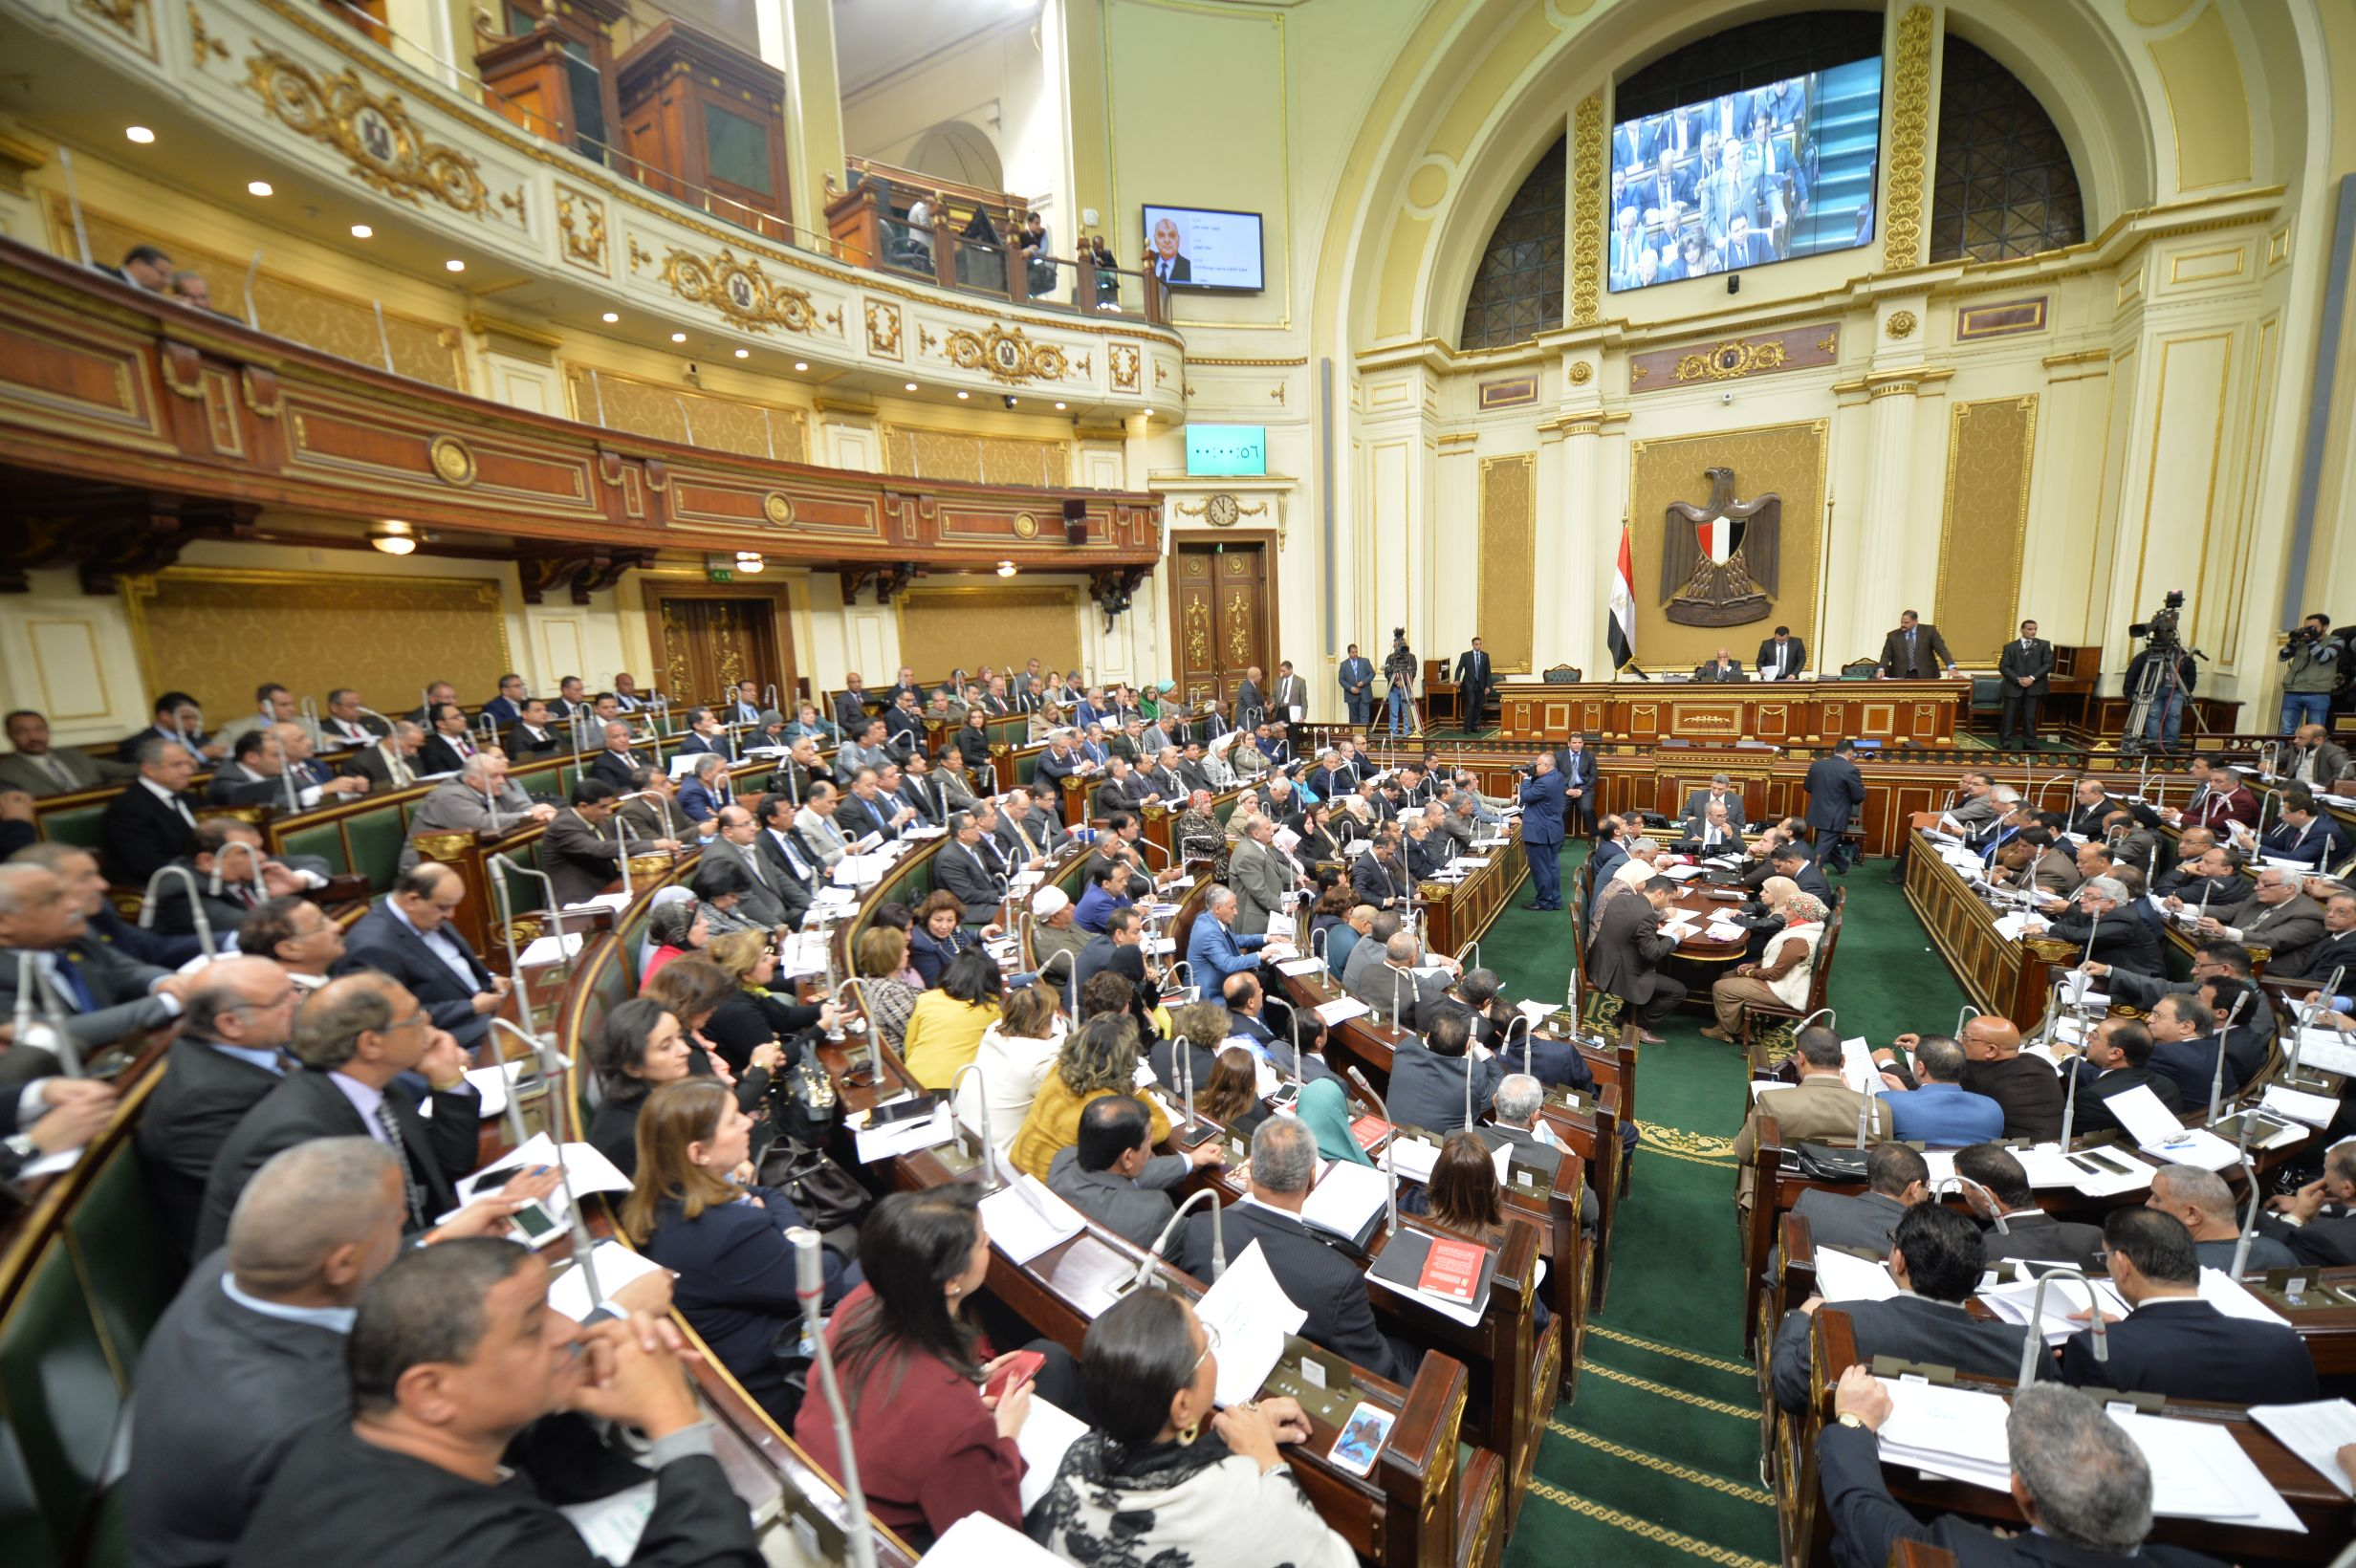 غدا.. رؤساء الهيئات الصحفية والإعلامية الجدد يؤدون اليمين أمام البرلمان